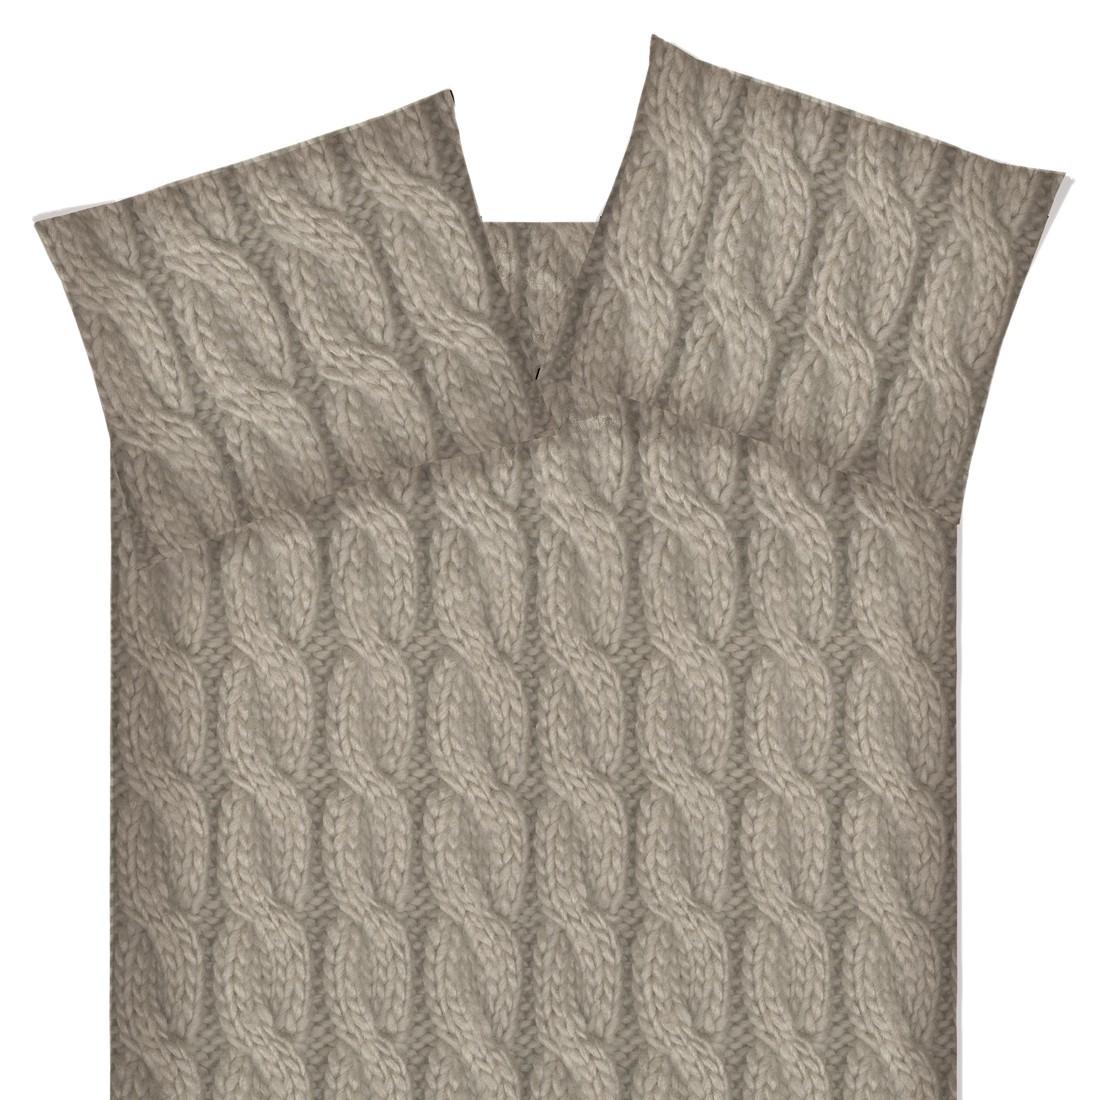 Bettwäsche Ivory Lufness - Flanell - Sand - 135x200, Beddinghouse